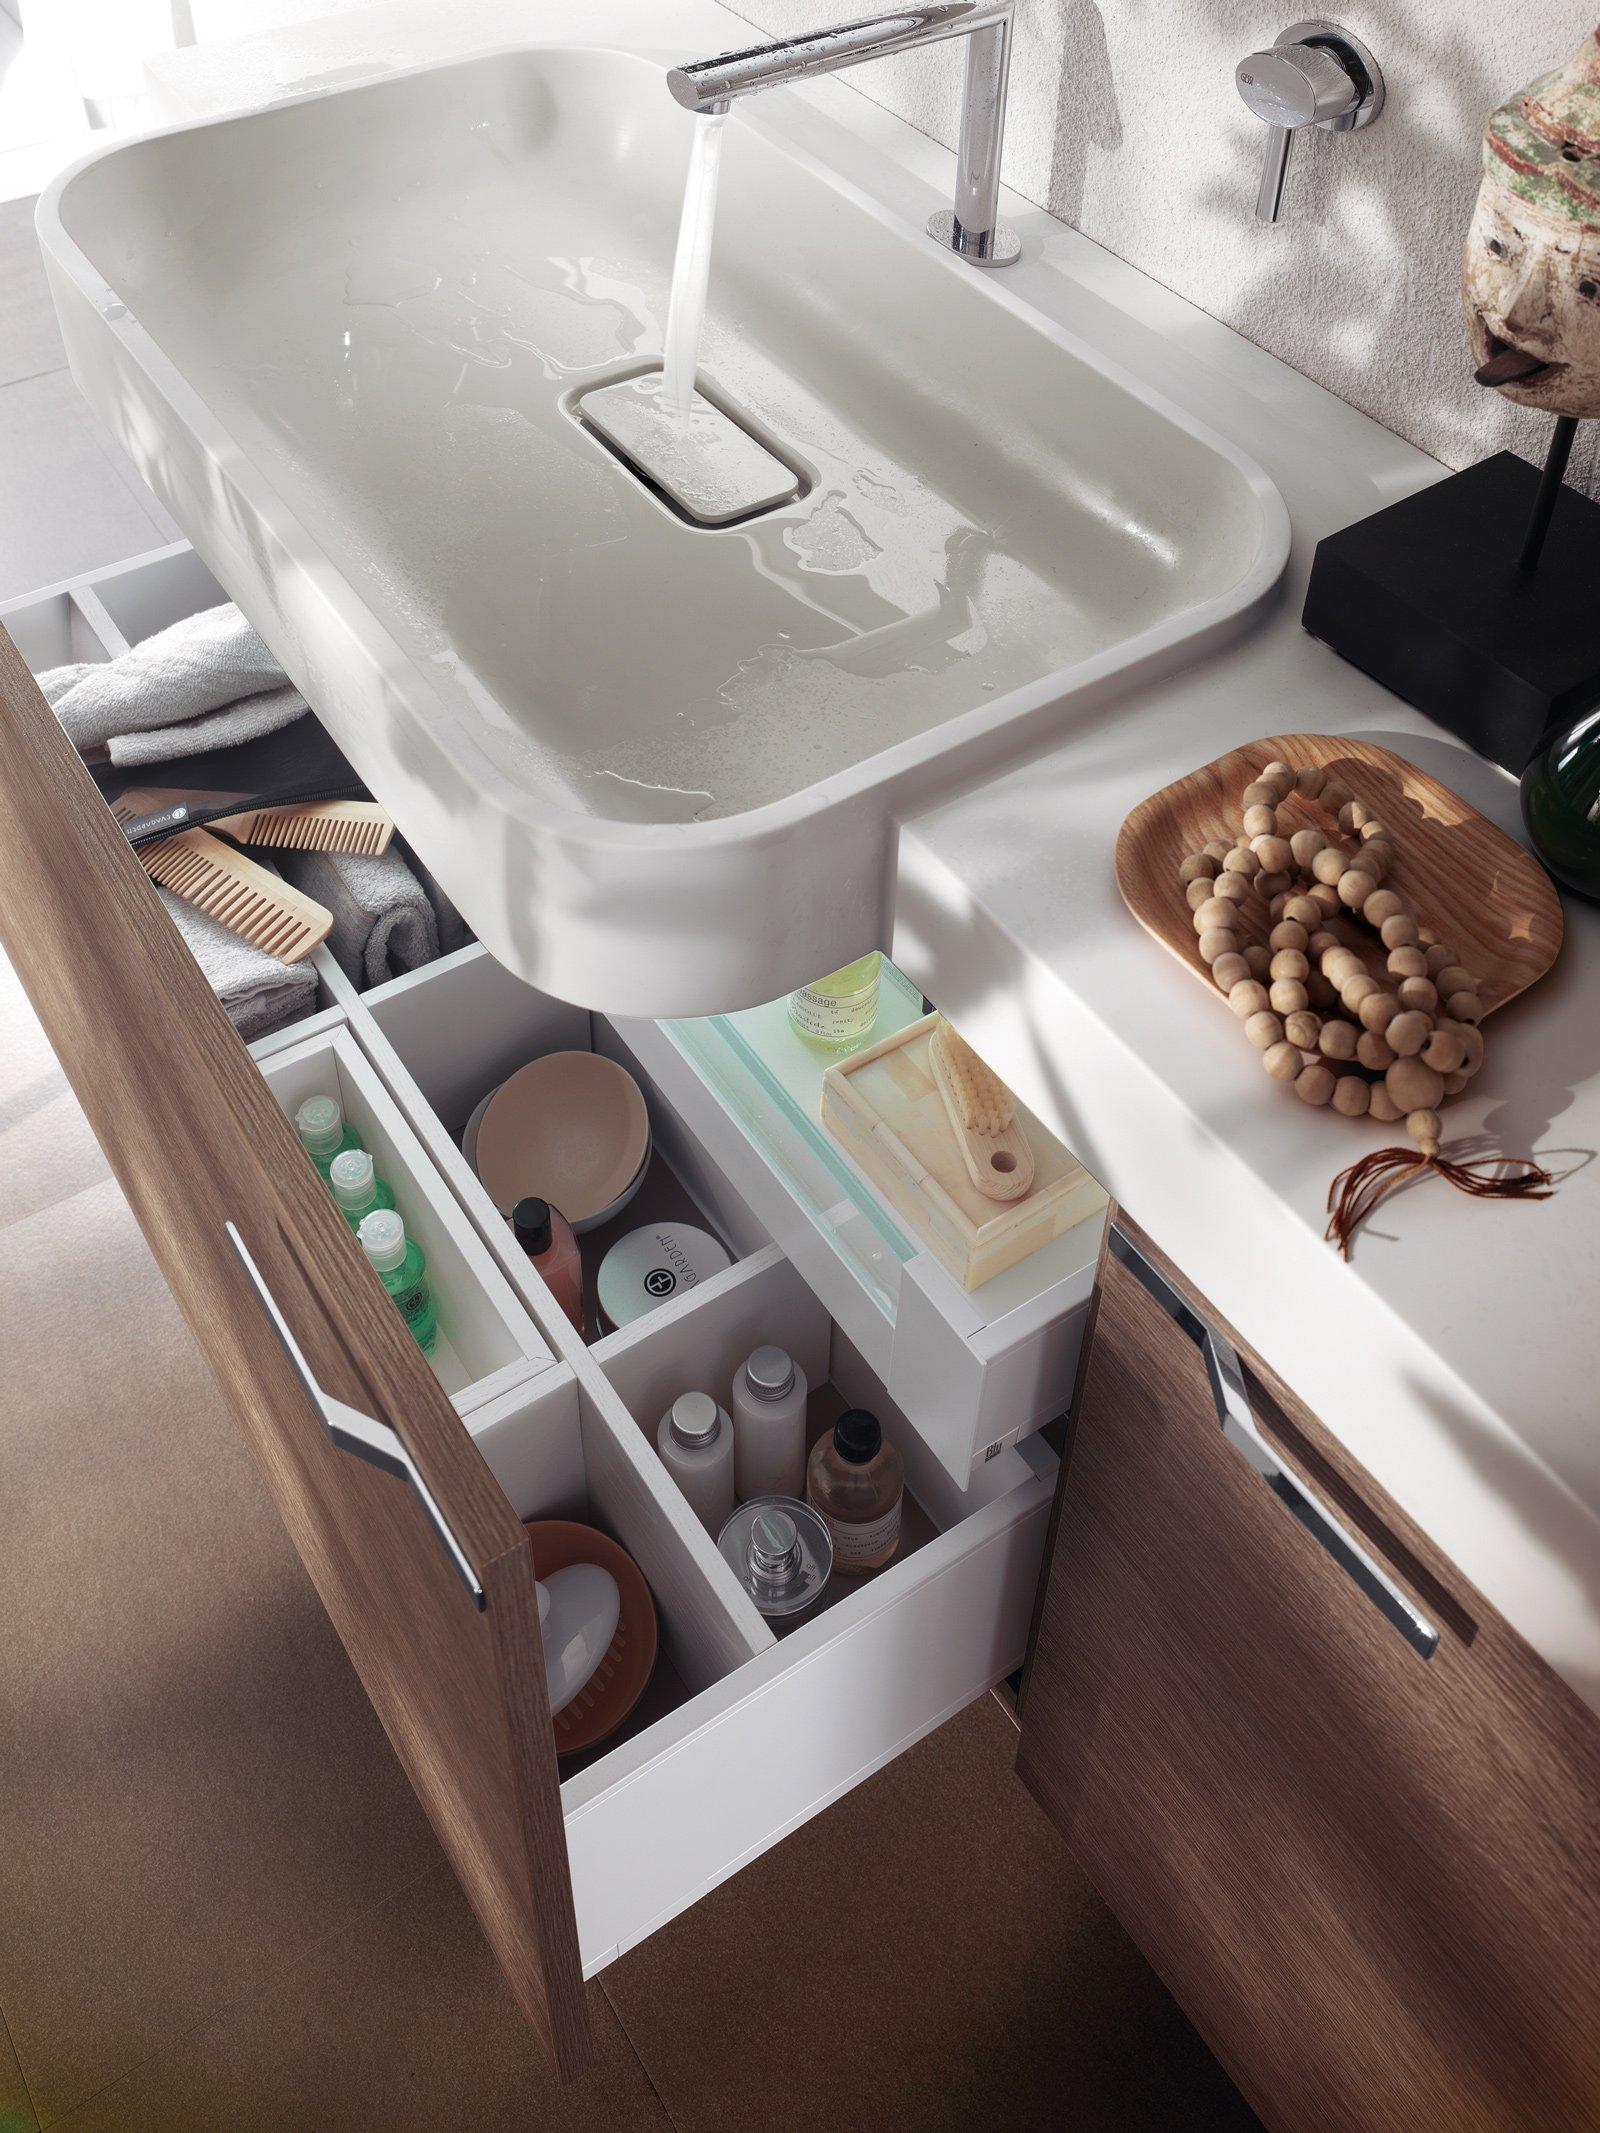 Mobili bagno con cassetti tutto in ordine sotto il lavabo - Come fare bombe da bagno ...